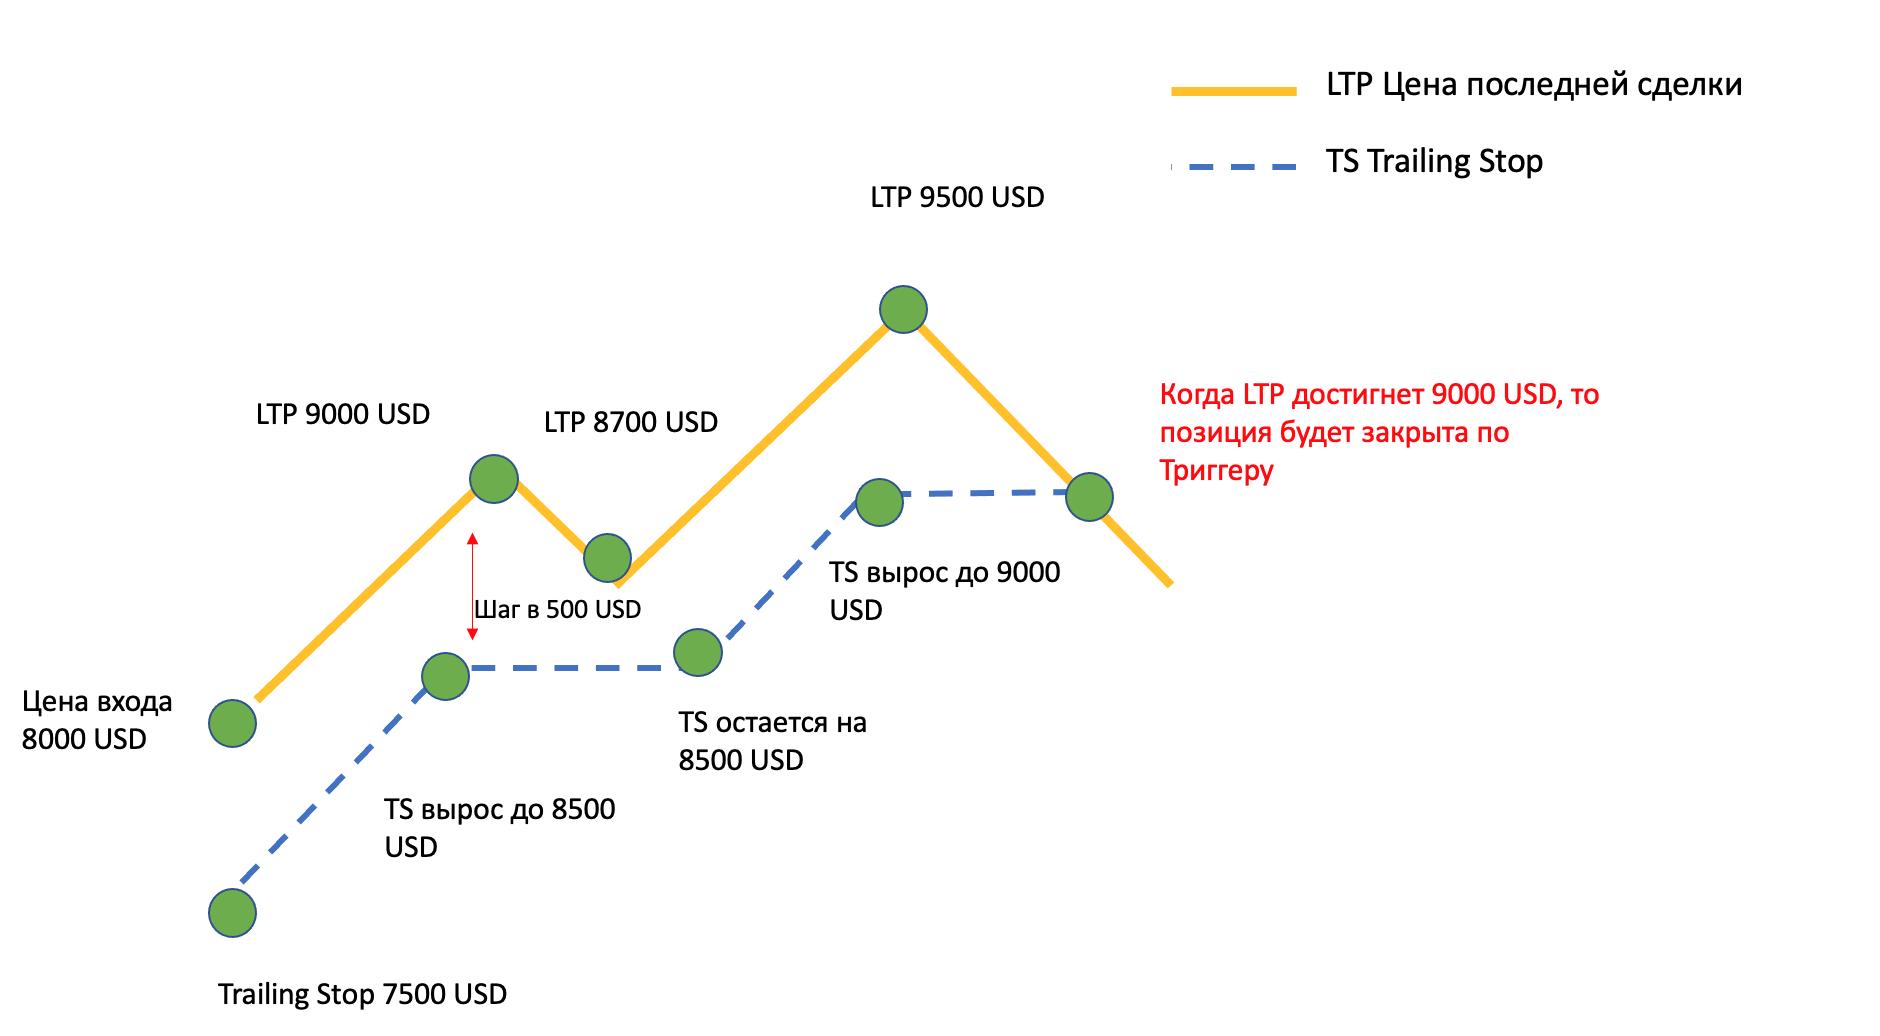 Трейлинг стоп на финансовых рынках